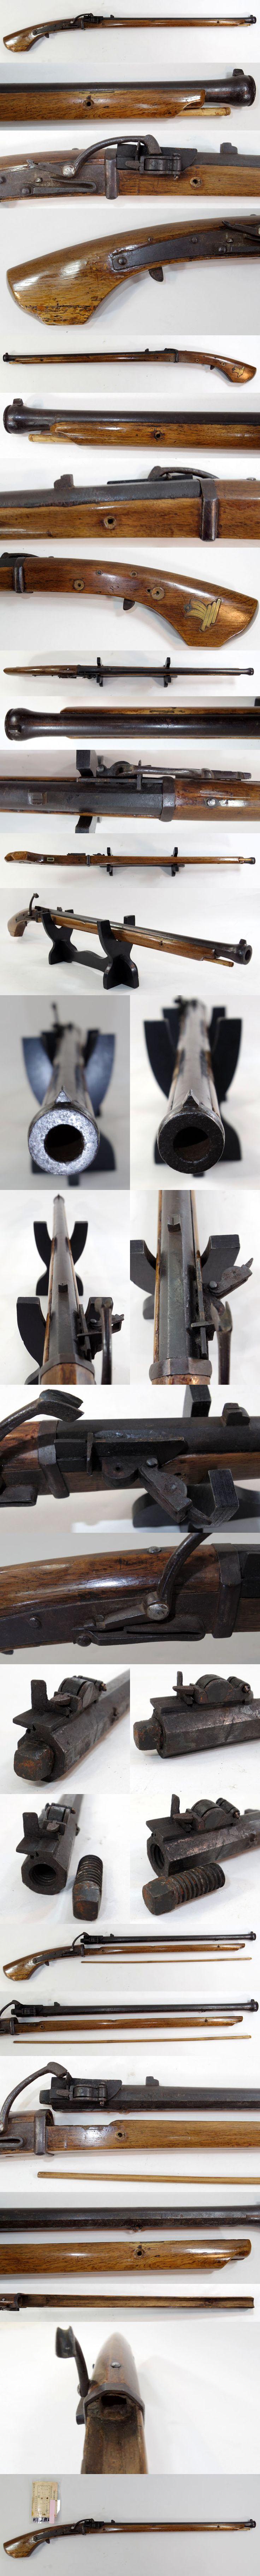 火縄銃 | 火縄銃・古式銃 火縄銃 射的筒(御座敷鉄砲)|火縄銃・古式銃 ...